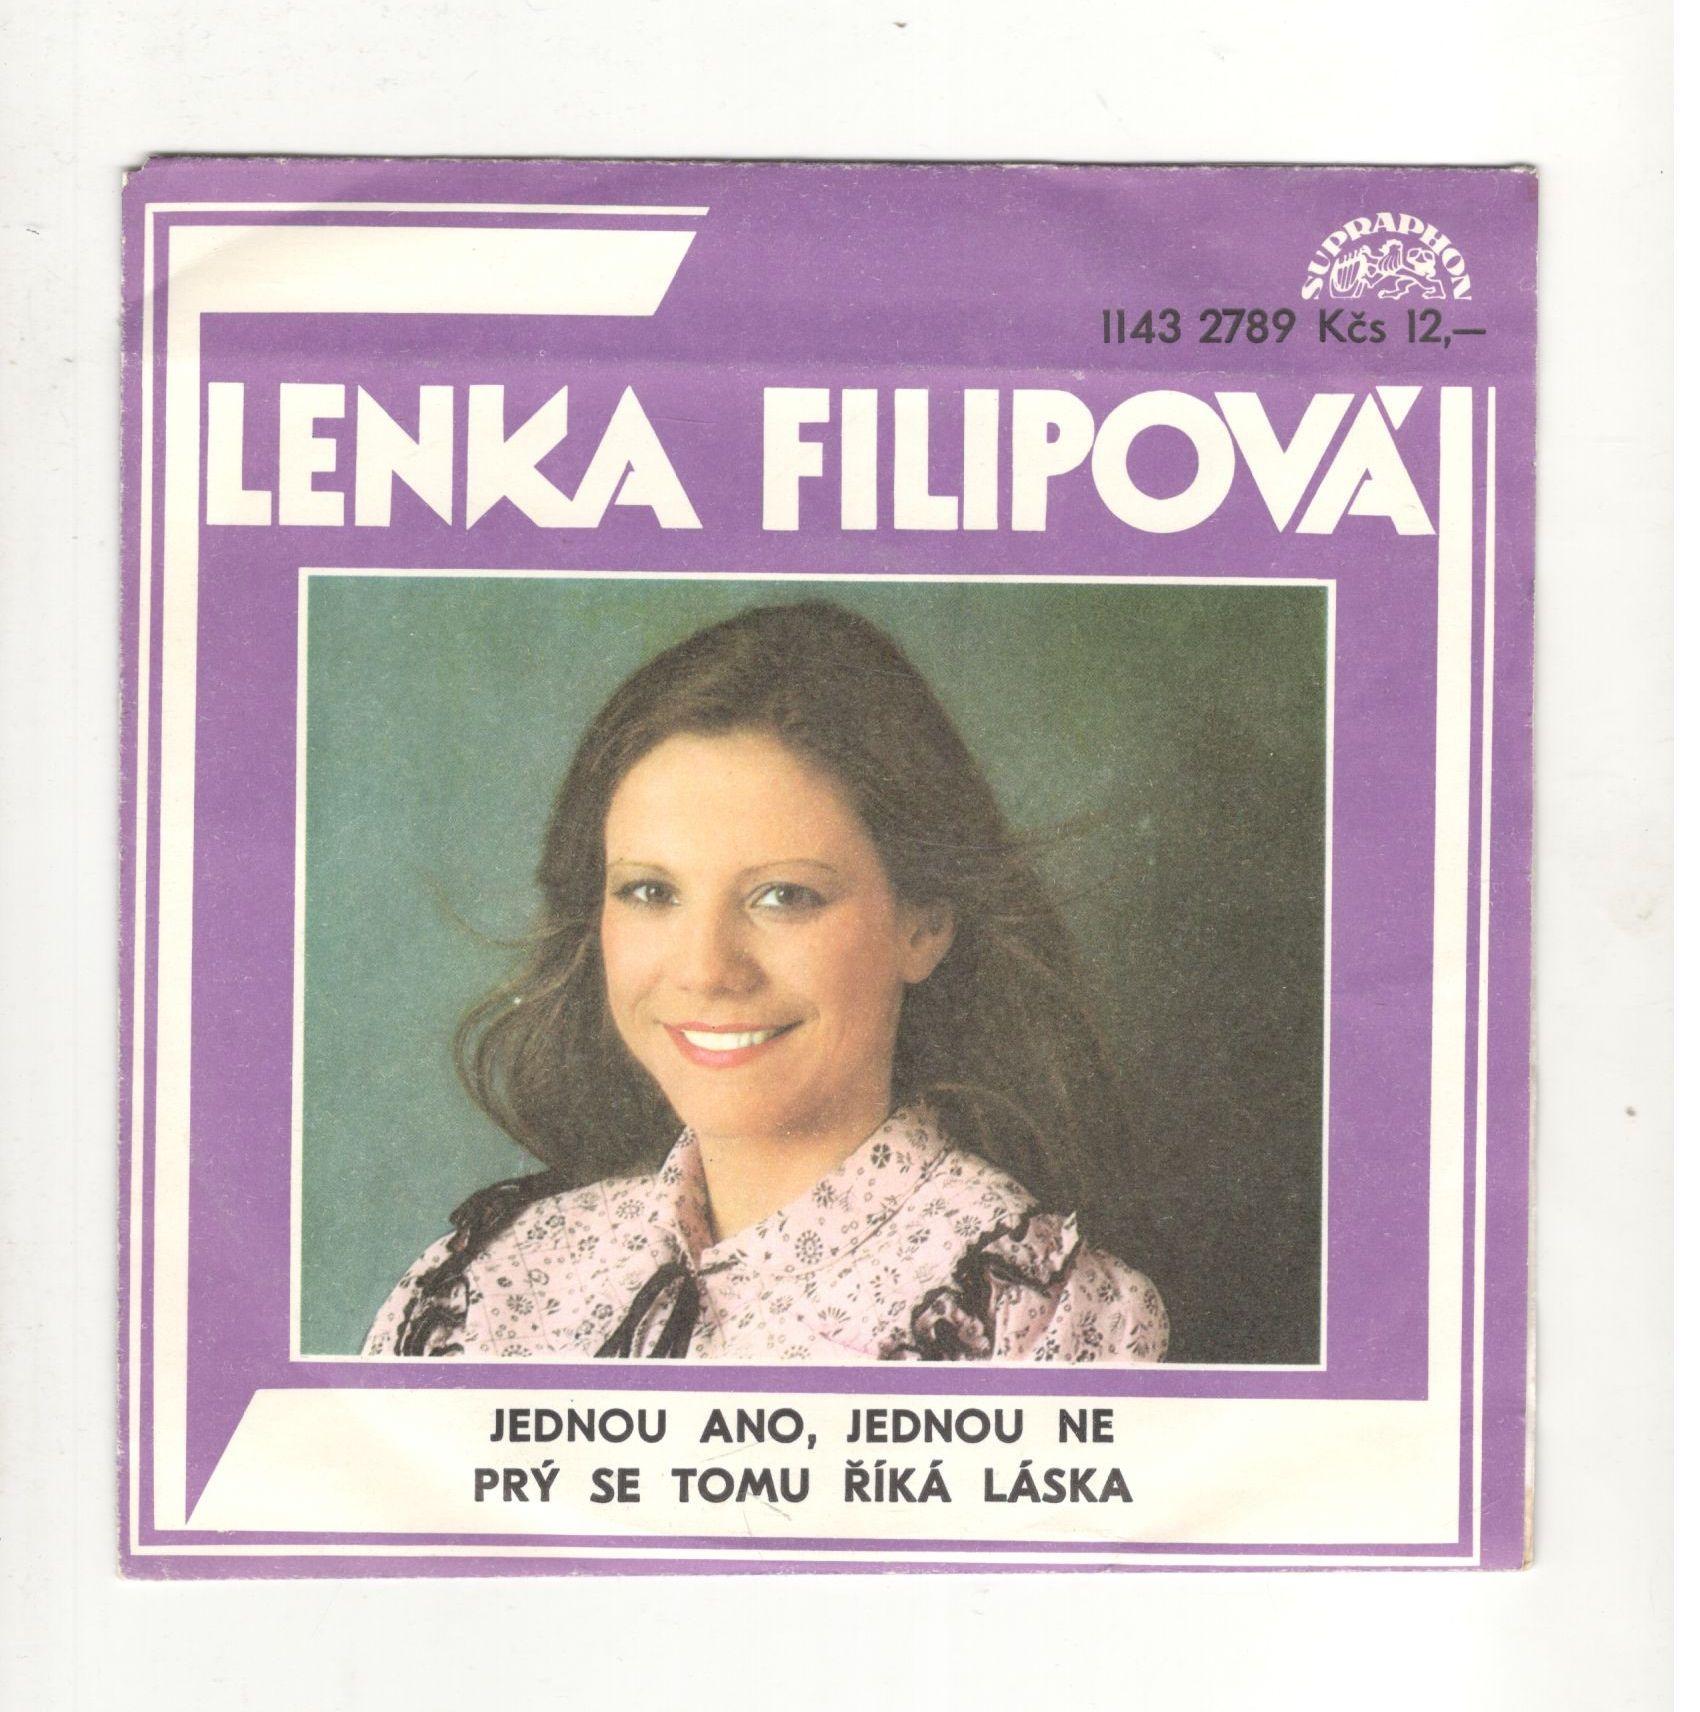 Jednou ano, jednou ne, Prý se tomu říká láska - Lenka Filipová (SP)